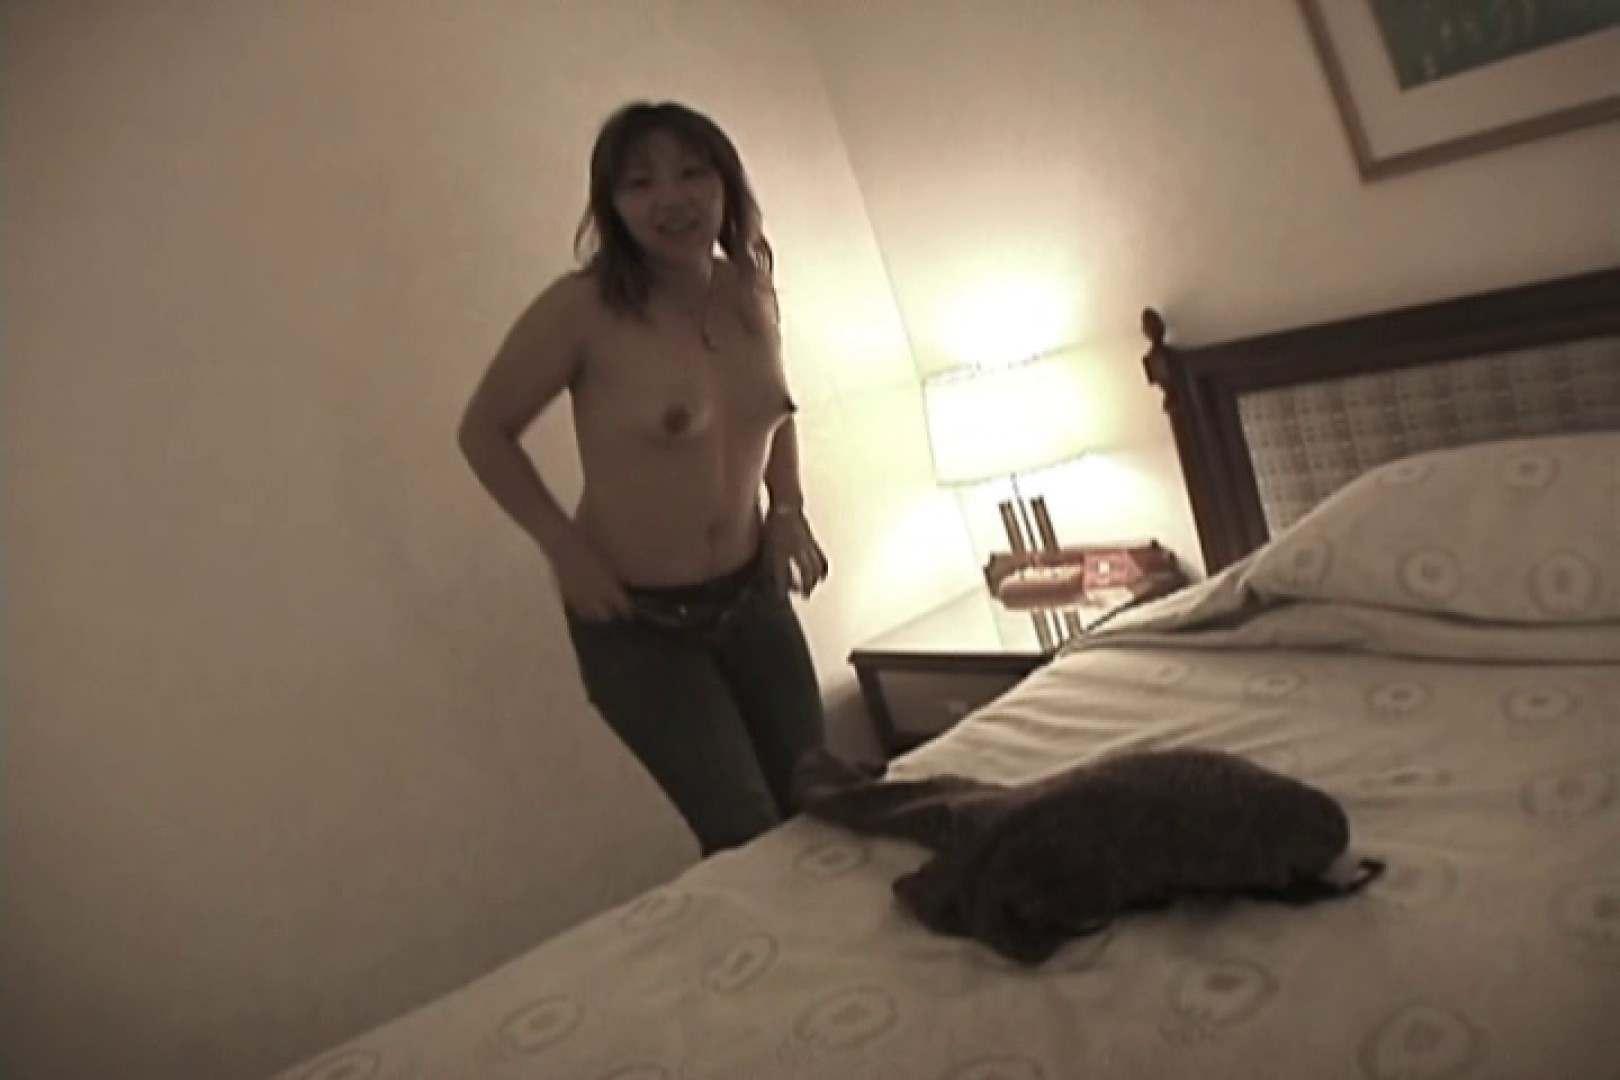 ツンデレ素人嬢もチンポには弱い~増田あけみ~ 0  75連発 44